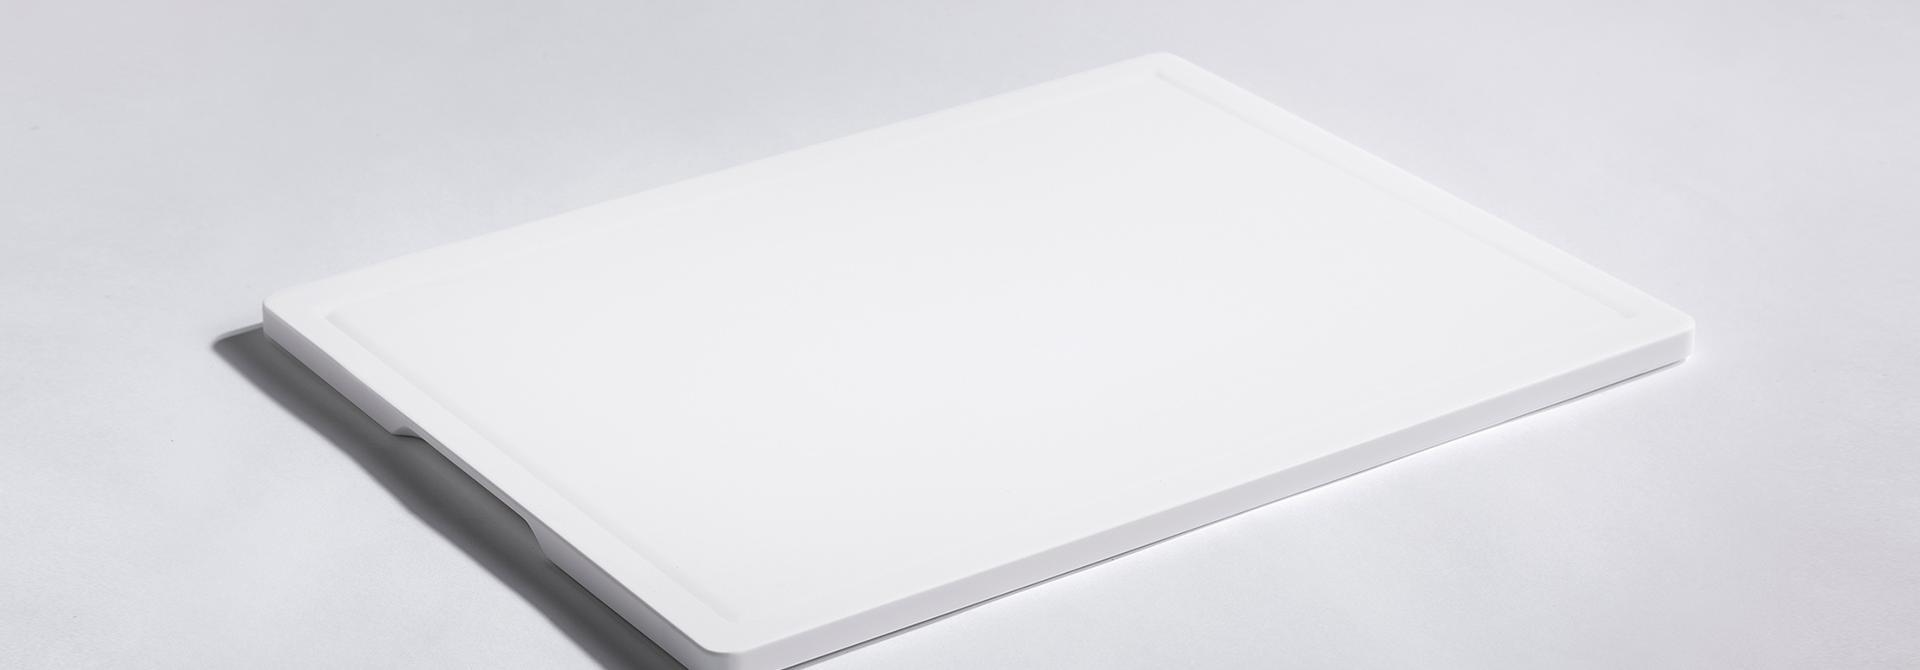 Snijplank groef bovenaanzicht detail